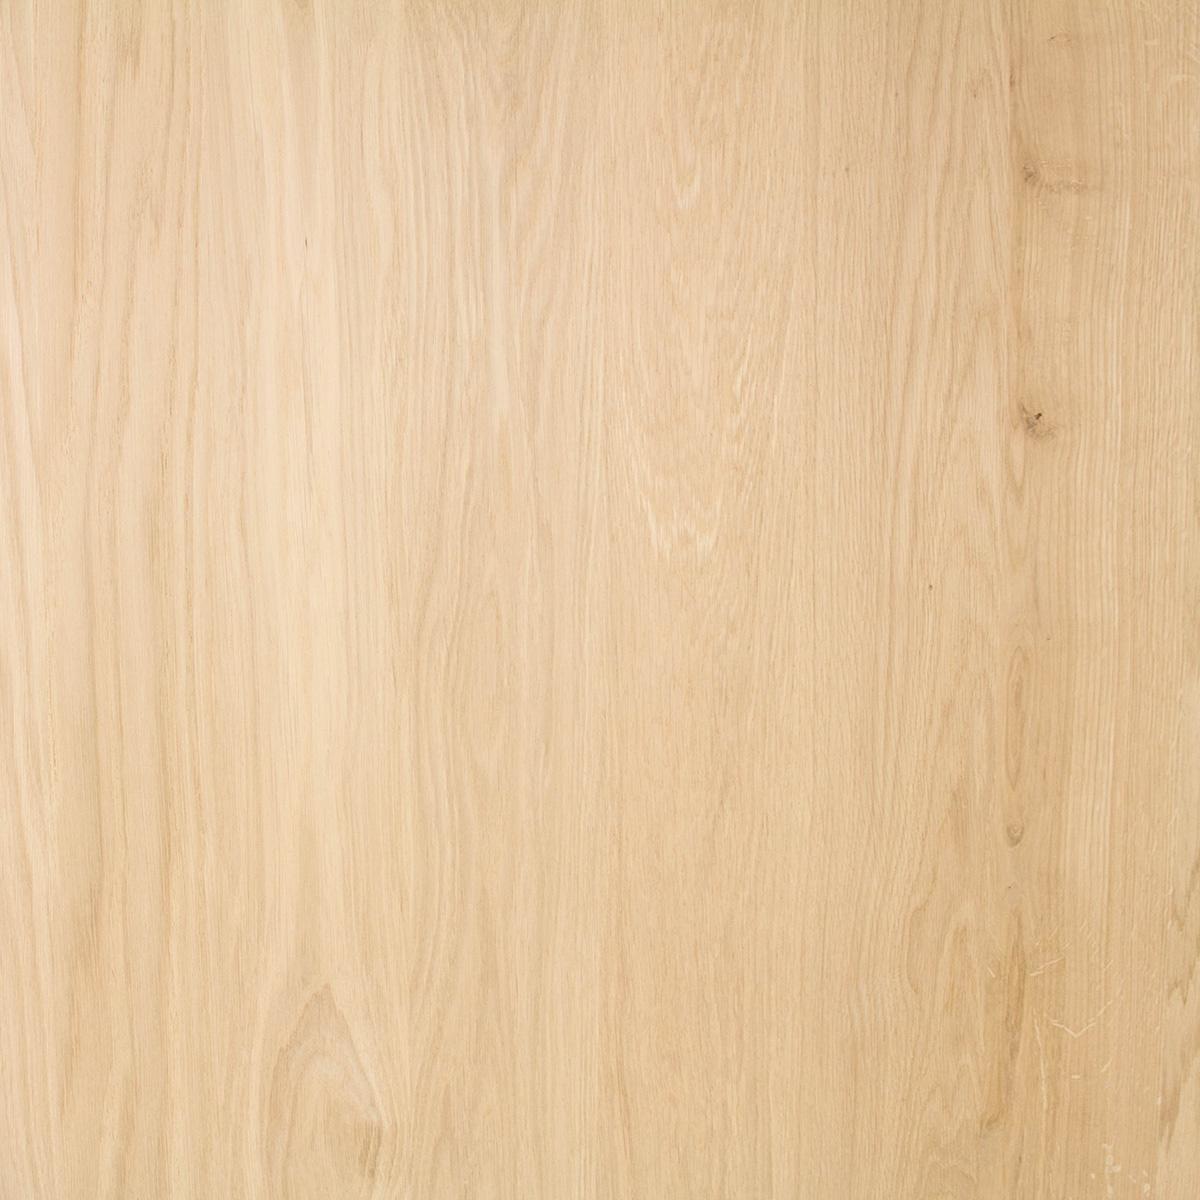 Arbeitsplatte Eiche massiv - 3 cm dick - 122x140-300 cm - Eichenholz A-Qualität - Massivholz - Verleimt & künstlich getrocknet (HF 8-12%)